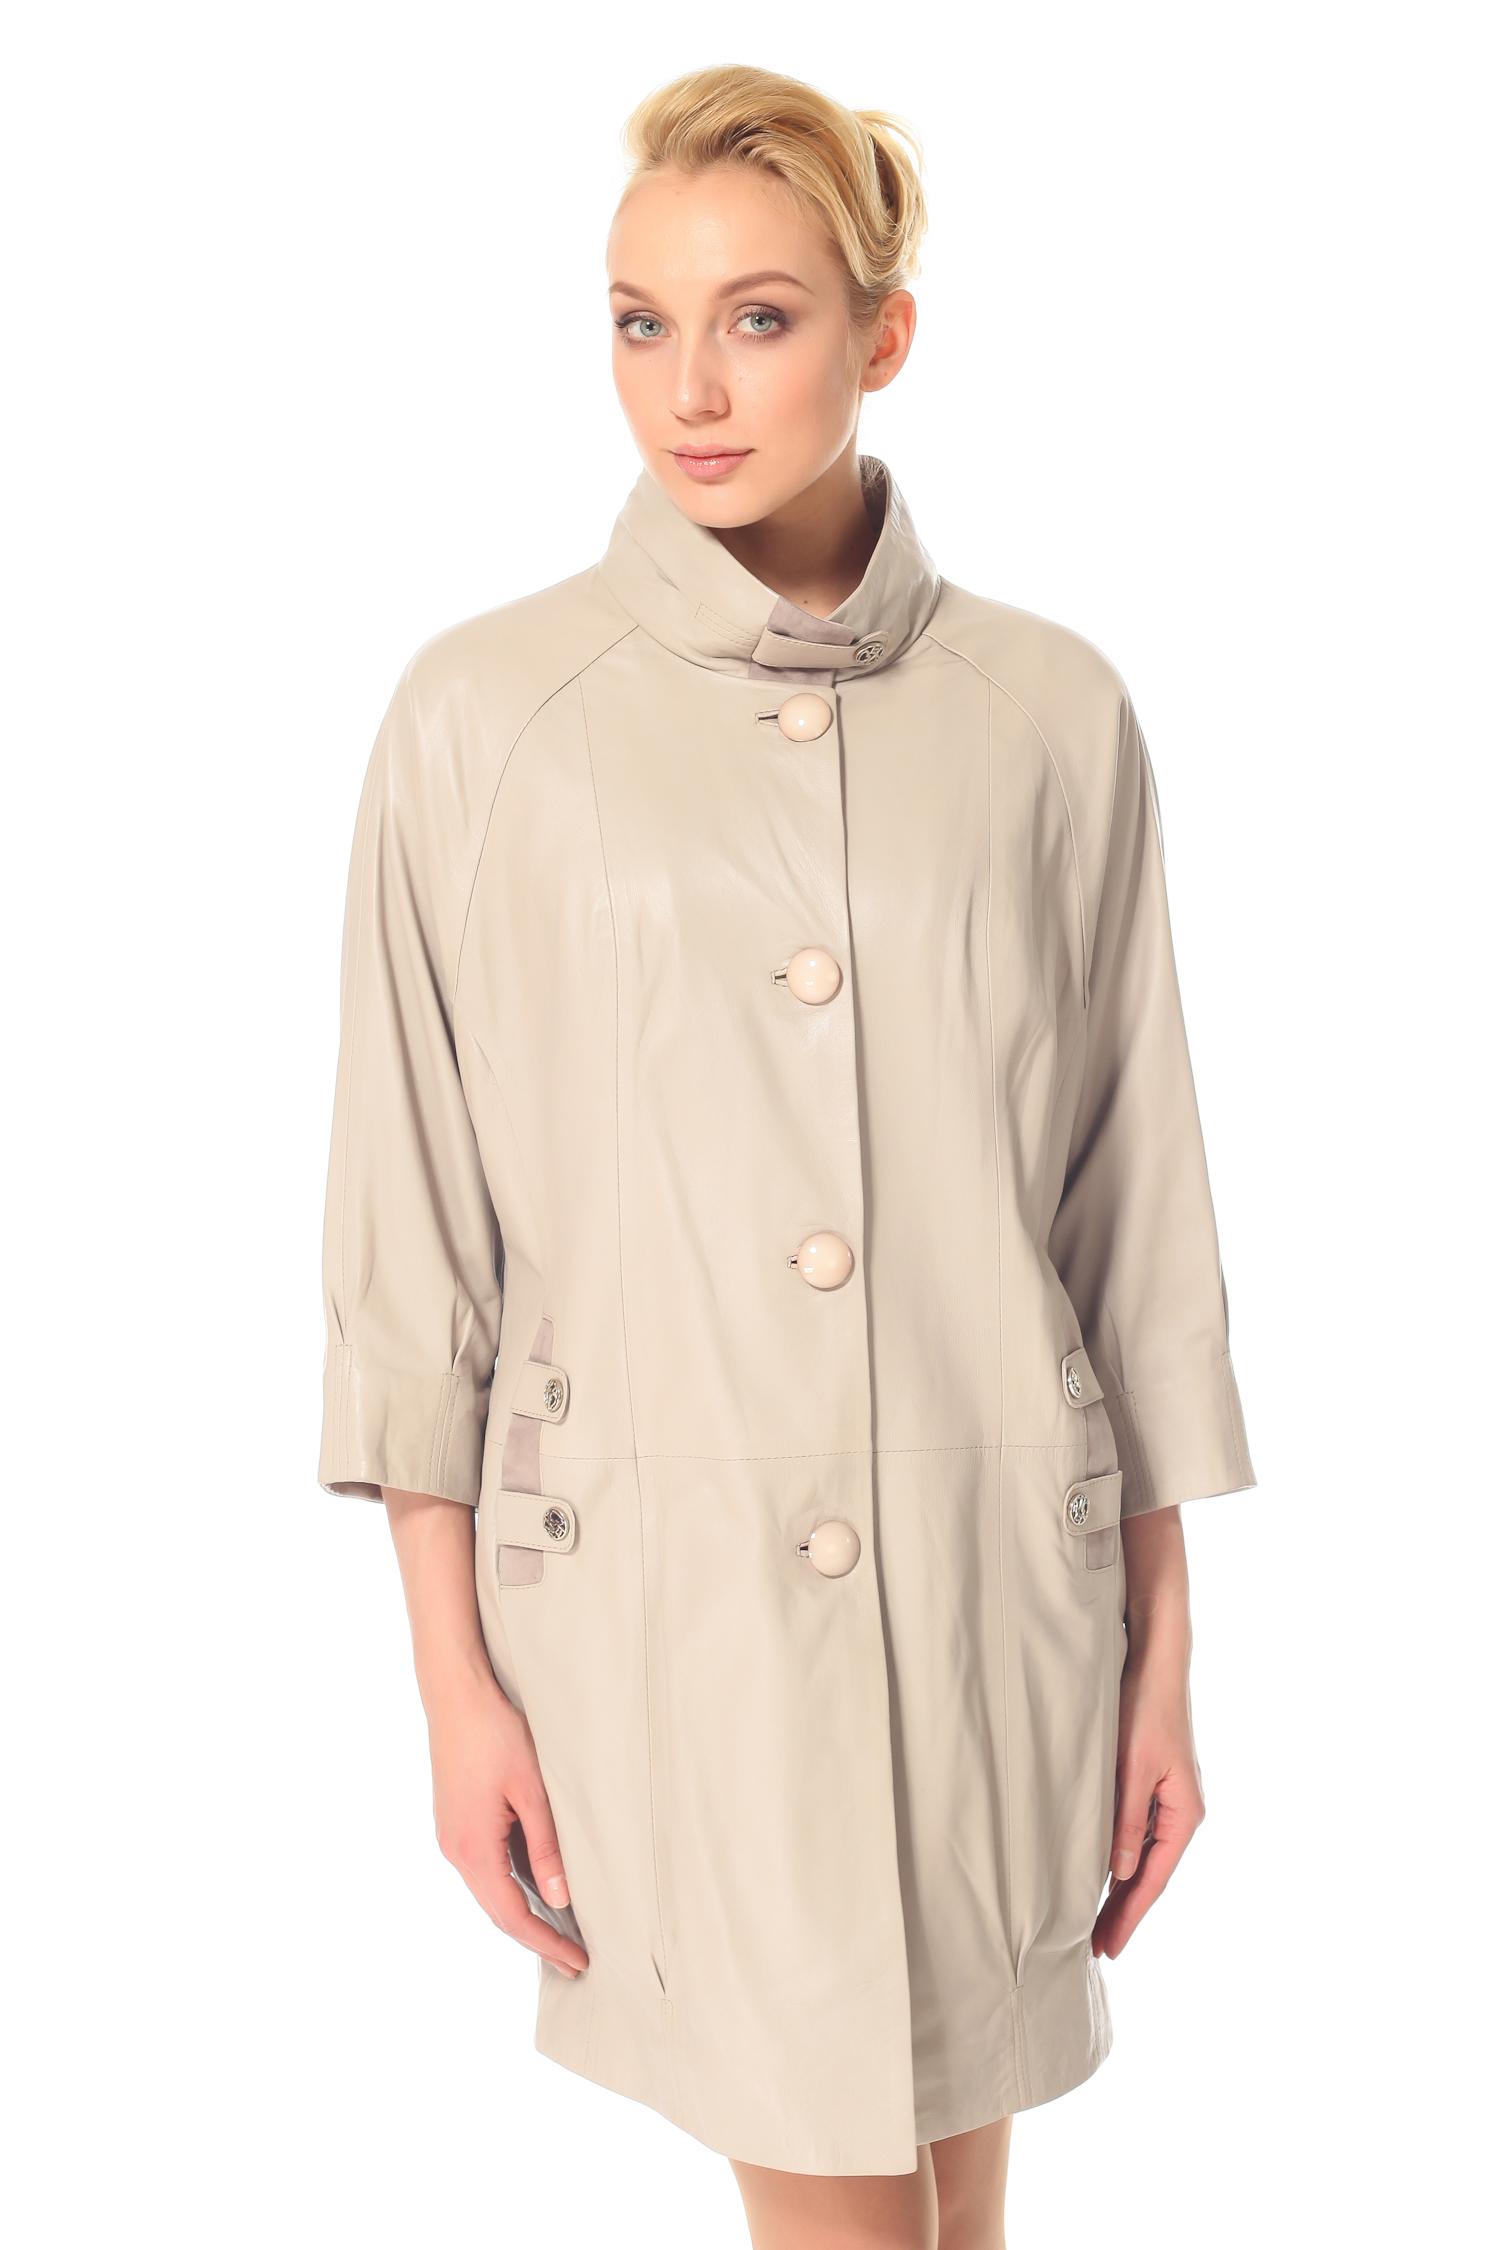 Женское кожаное пальто из натуральной кожи с воротником, без отделки<br><br>Воротник: Стойка<br>Длина см: 90<br>Материал: Натуральная кожа<br>Цвет: Серый<br>Пол: Женский